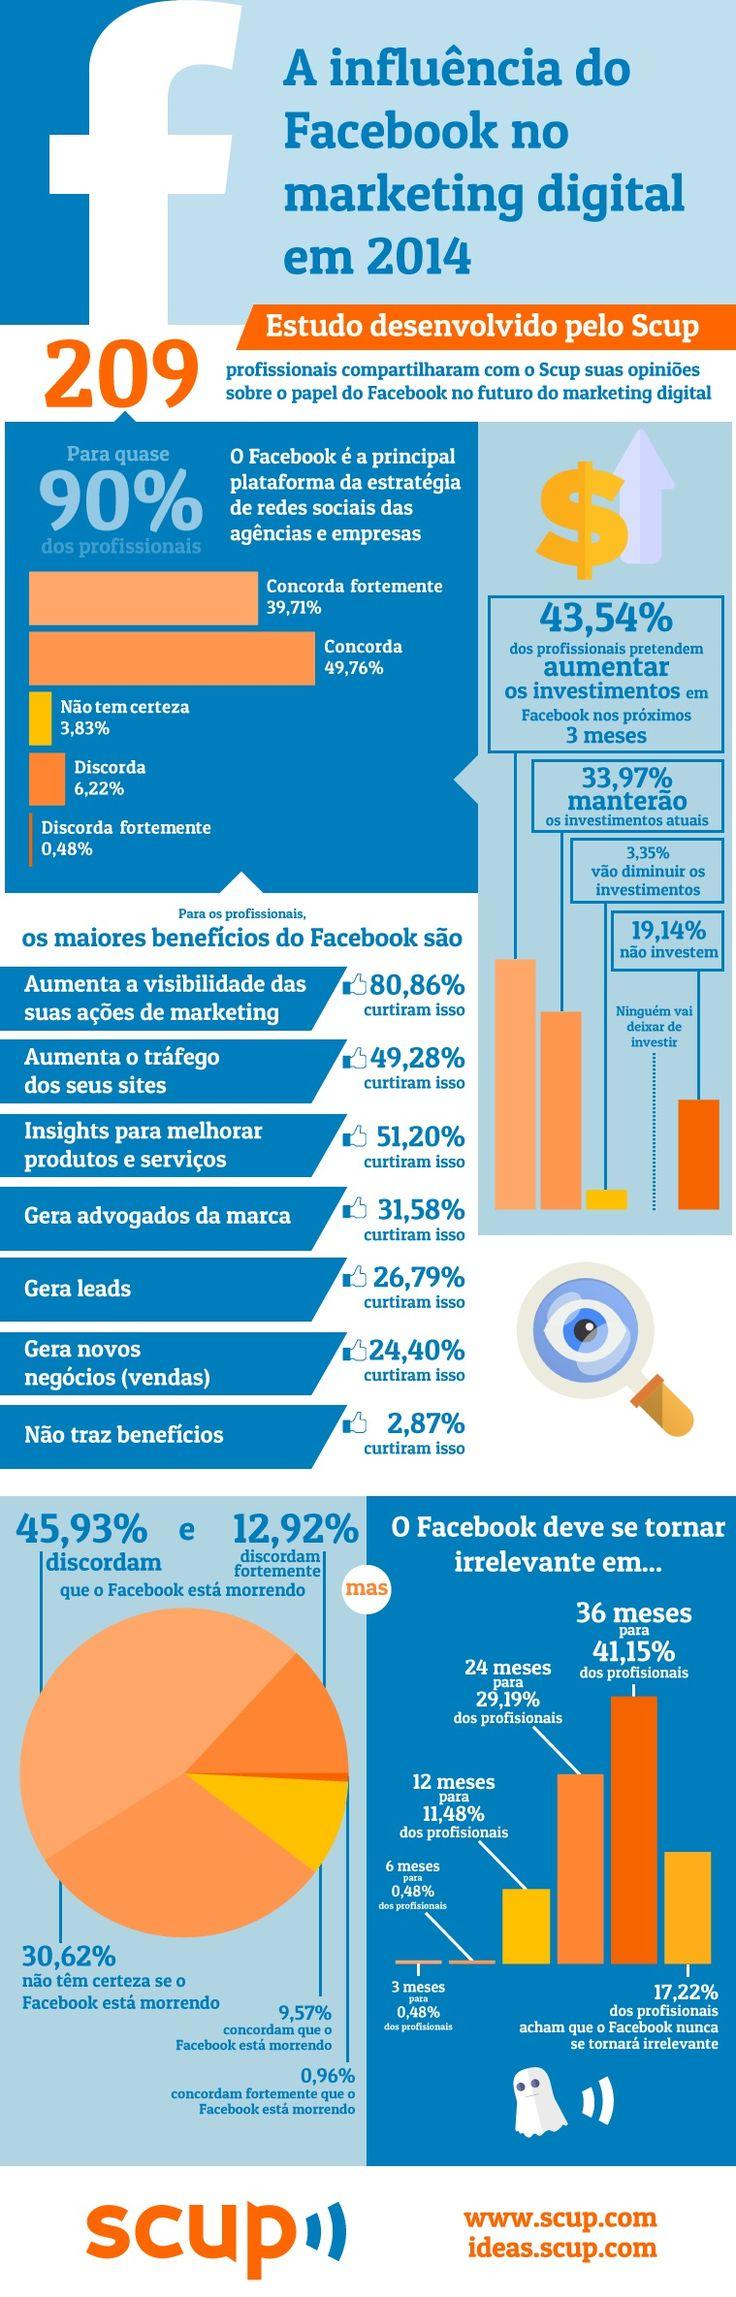 Scup Realizou entrevista com mais de 200 profissionais do marketing no Brasil, e nos apresenta papel das redes sociais nas estratégias de marketing digital das empresas.